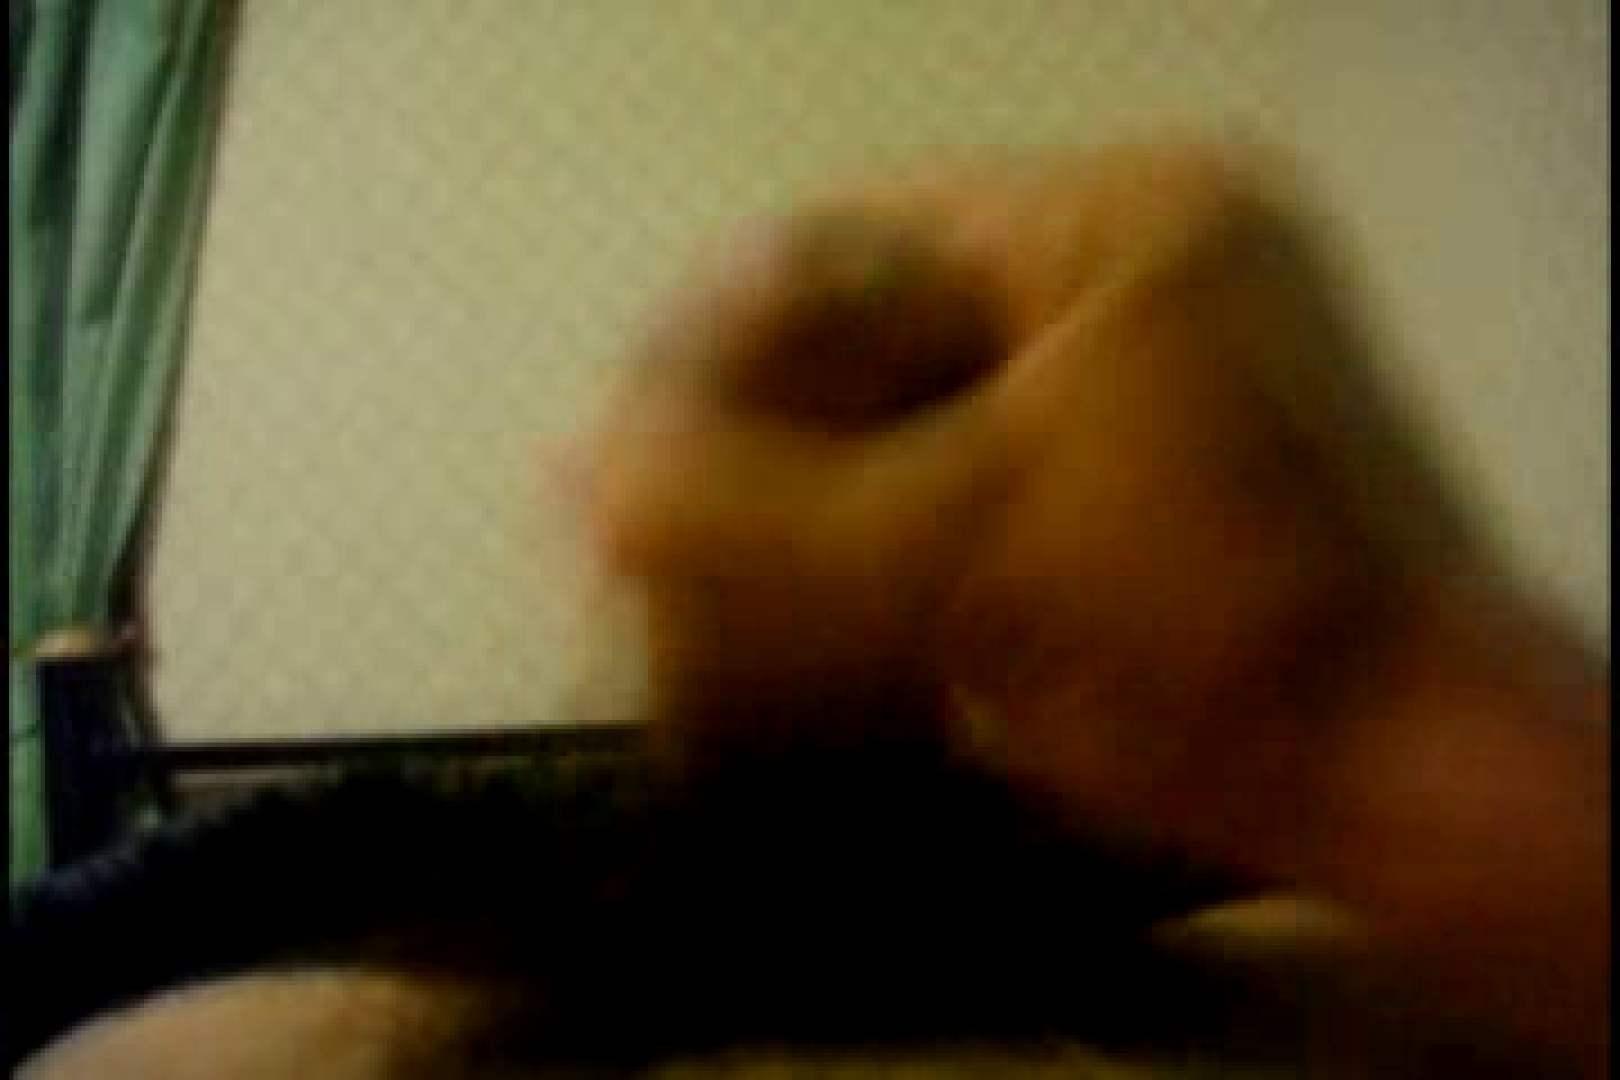 オナ好きノンケテニス部員の自画撮り投稿vol.05 ノンケ一筋 ゲイ無修正ビデオ画像 64pic 4